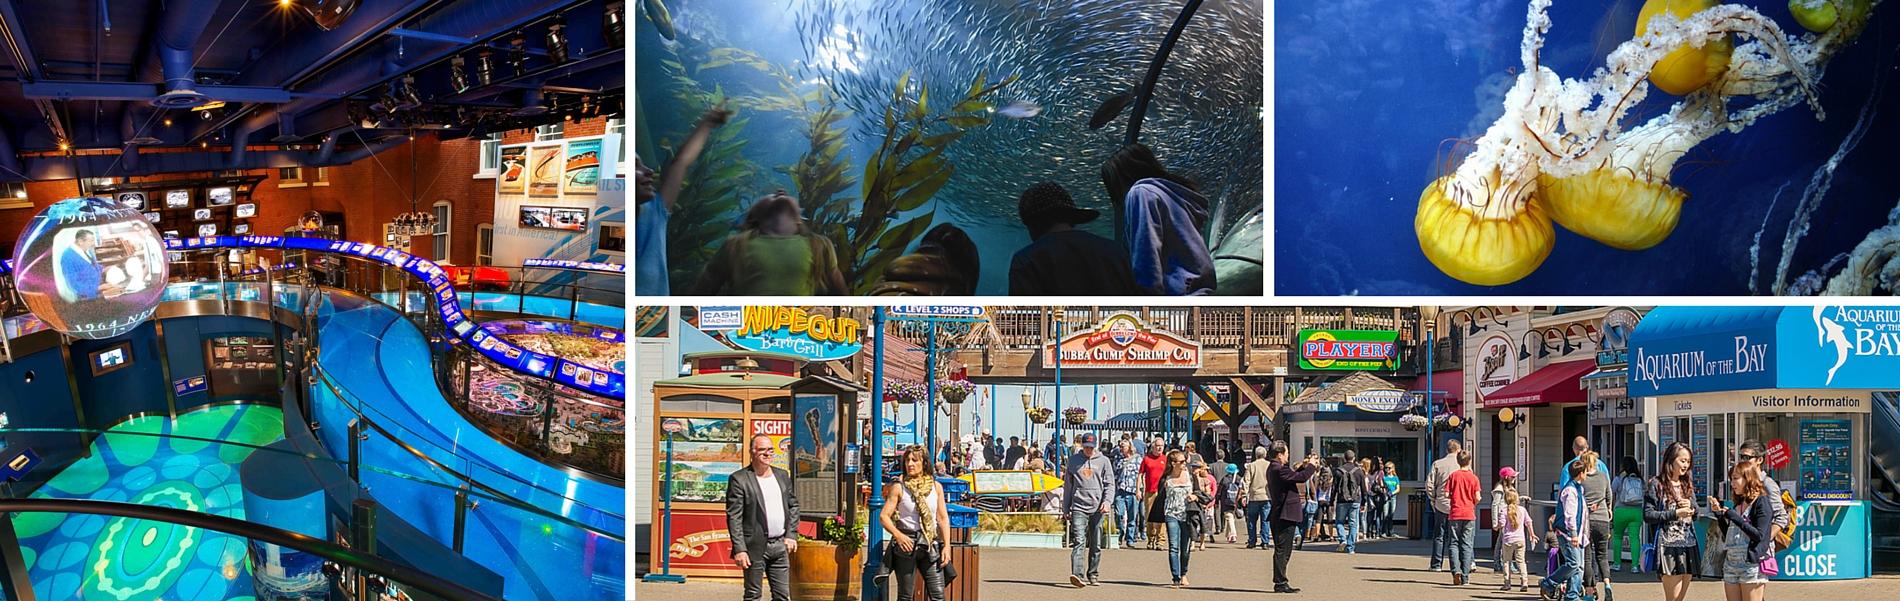 Northern California Attractions   Santa Clara Attractions